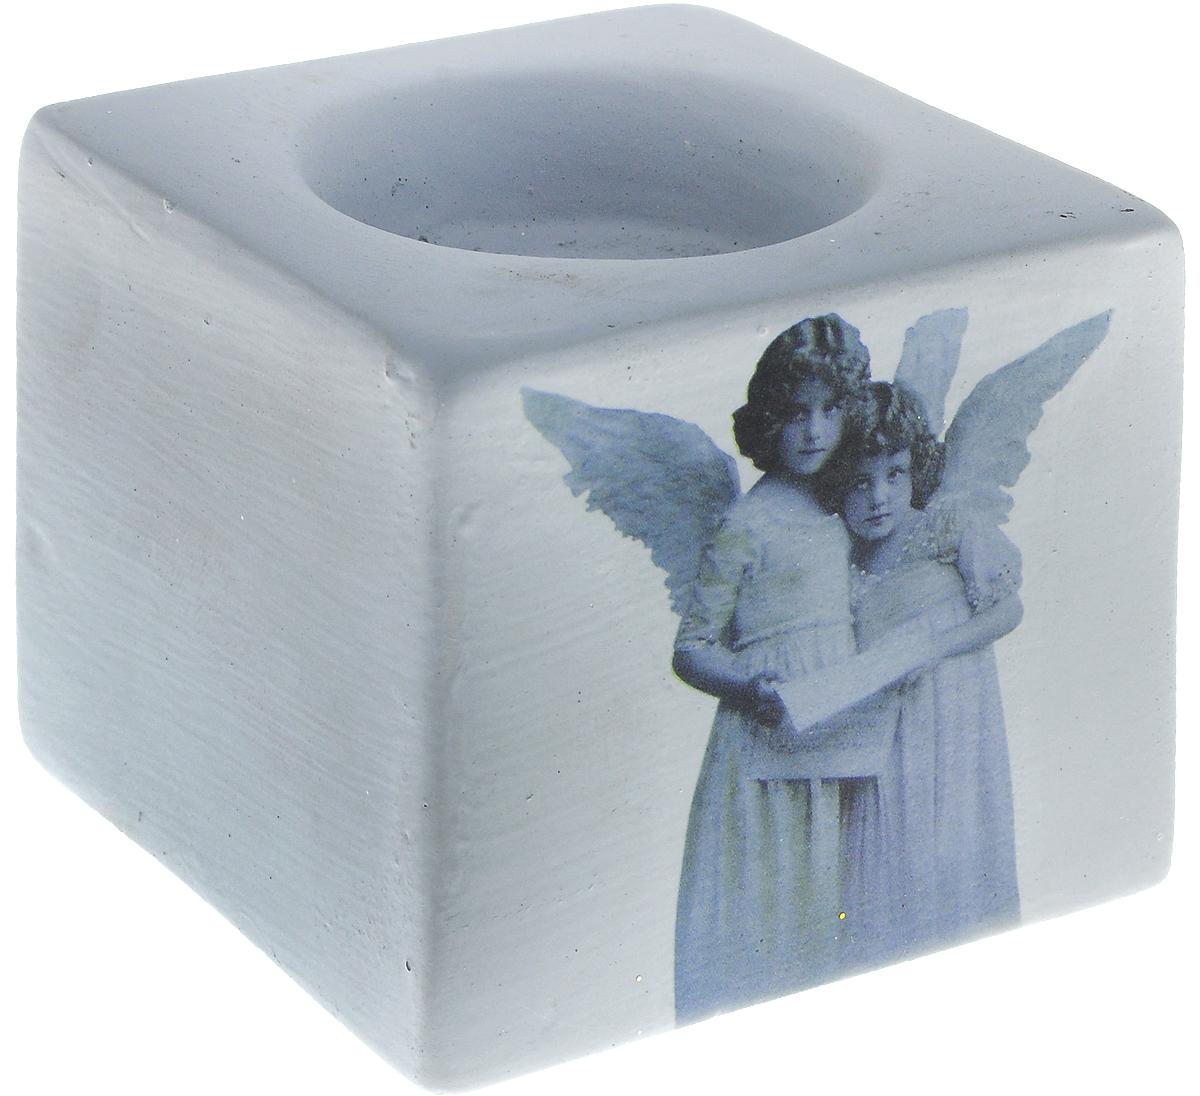 Подсвечник новогодний Winter Wings Ангелы, 6 х 7 х 7 смV4140/1SПодсвечник Winter Wings Ангелы выполнен из керамики с изображением ангелов. В подсвечнике имеется специальное место для свечки. Изделие будет прекрасно смотреться на праздничном столе. Новогодние украшения несут в себе волшебство и красоту праздника. Они помогут вам украсить дом к предстоящим праздникам и оживить интерьер по вашему вкусу. Создайте в доме атмосферу тепла, веселья и радости, украшая его всей семьей.Диаметр места для свечки: 4,5 см.